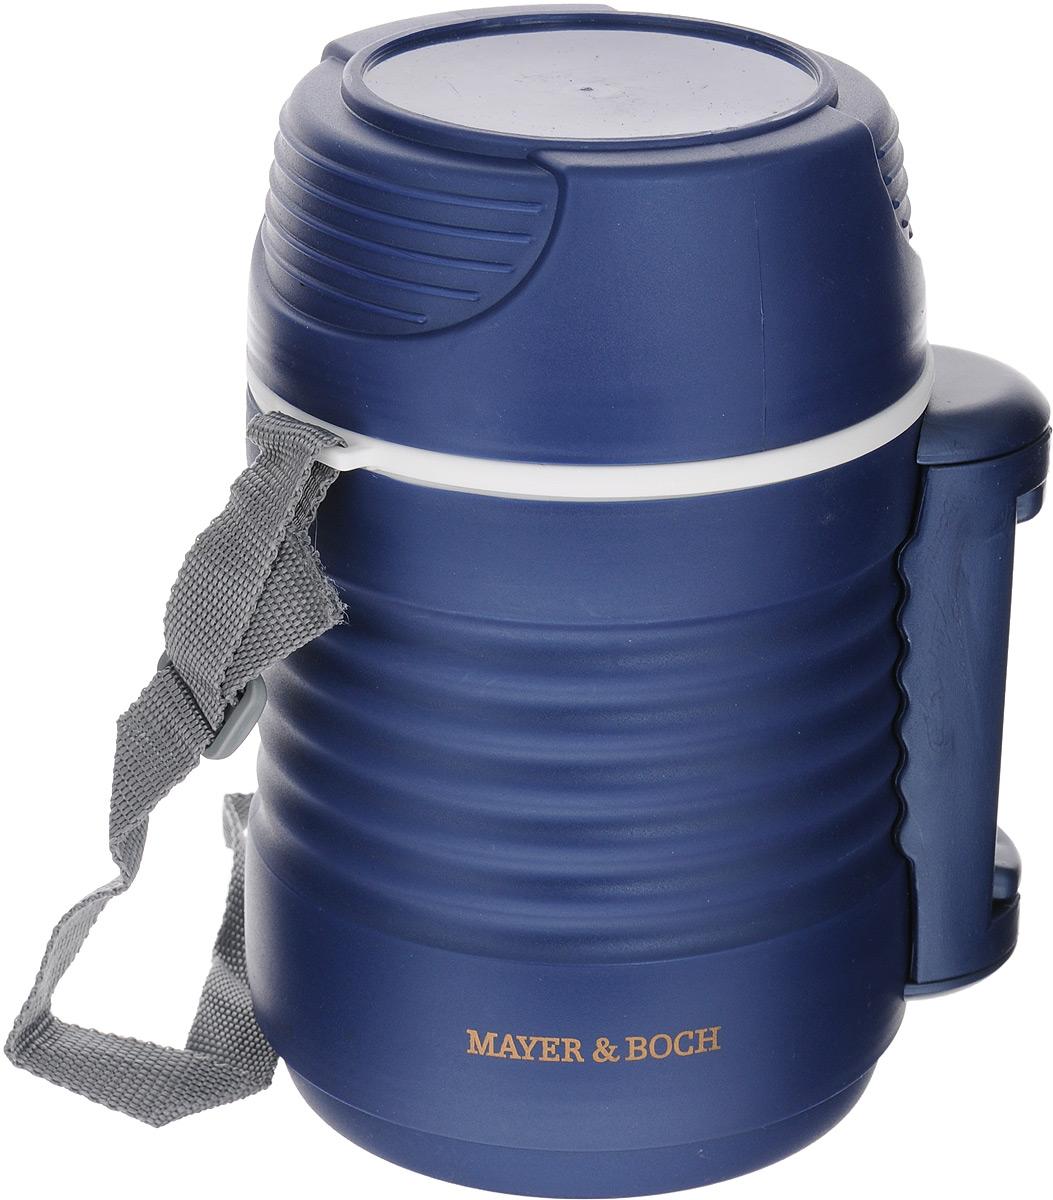 Термос пищевой Mayer & Boch, с 2 контейнерами, цвет: синий, 1,3 л23732Термос пищевой Mayer & Boch предназначен для длительного хранения горячих и холодных блюд. Цветной корпус выполнен из пищевого полипропилена (пластика). Внутренний резервуар изготовлен из высококачественной нержавеющей стали, не вступающей в реакцию с продуктами и не искажающей вкус приготовленных блюд. В широкое горлышко термоса помещены два контейнера с крышками, изготовленные из пищевого пластика белого цвета. Крышки легко открываются и плотно закрываются. Это идеальный вариант для переноски сразу нескольких разных блюд. Благодаря текстильному ремню и боковой ручке, термос легко и удобно транспортировать. Данный термос обладает не только прекрасными термоизоляционными качествами, но и непревзойденной надежностью. Диаметр термоса: 10,5 см. Высота термоса (без учета крышки): 19 см. Высота термоса (с учетом крышки): 22 см. Диаметр контейнеров: 10 см, 10 см. Высота контейнеров: 5 см, 9,5 см.